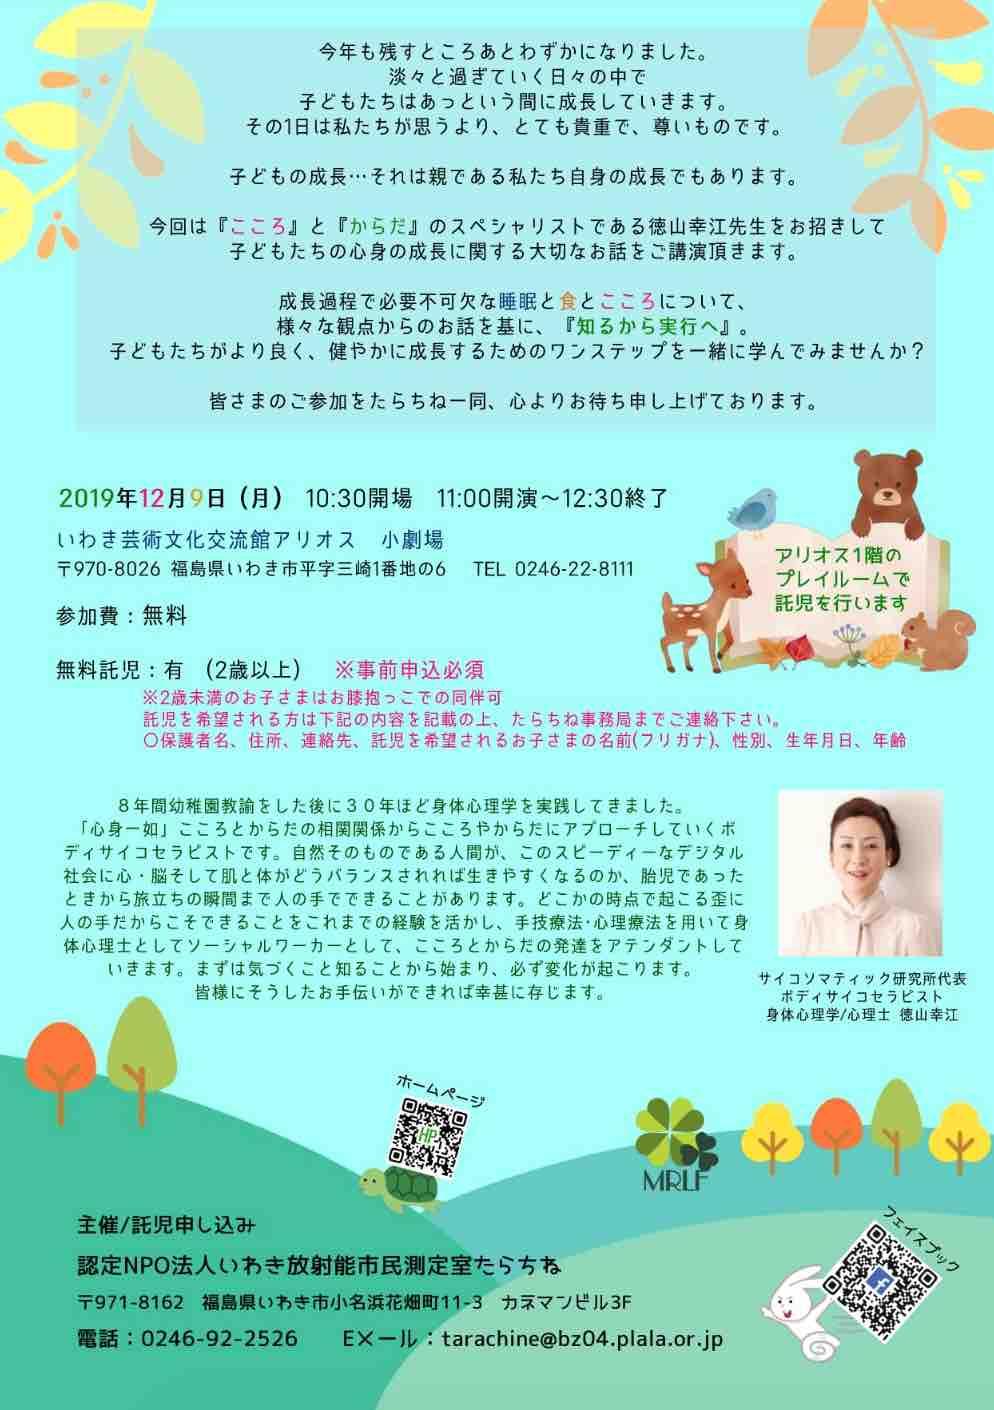 『子どもを育てること~知るから実行へ』徳山幸江おはなし会_e0068696_12403457.jpg